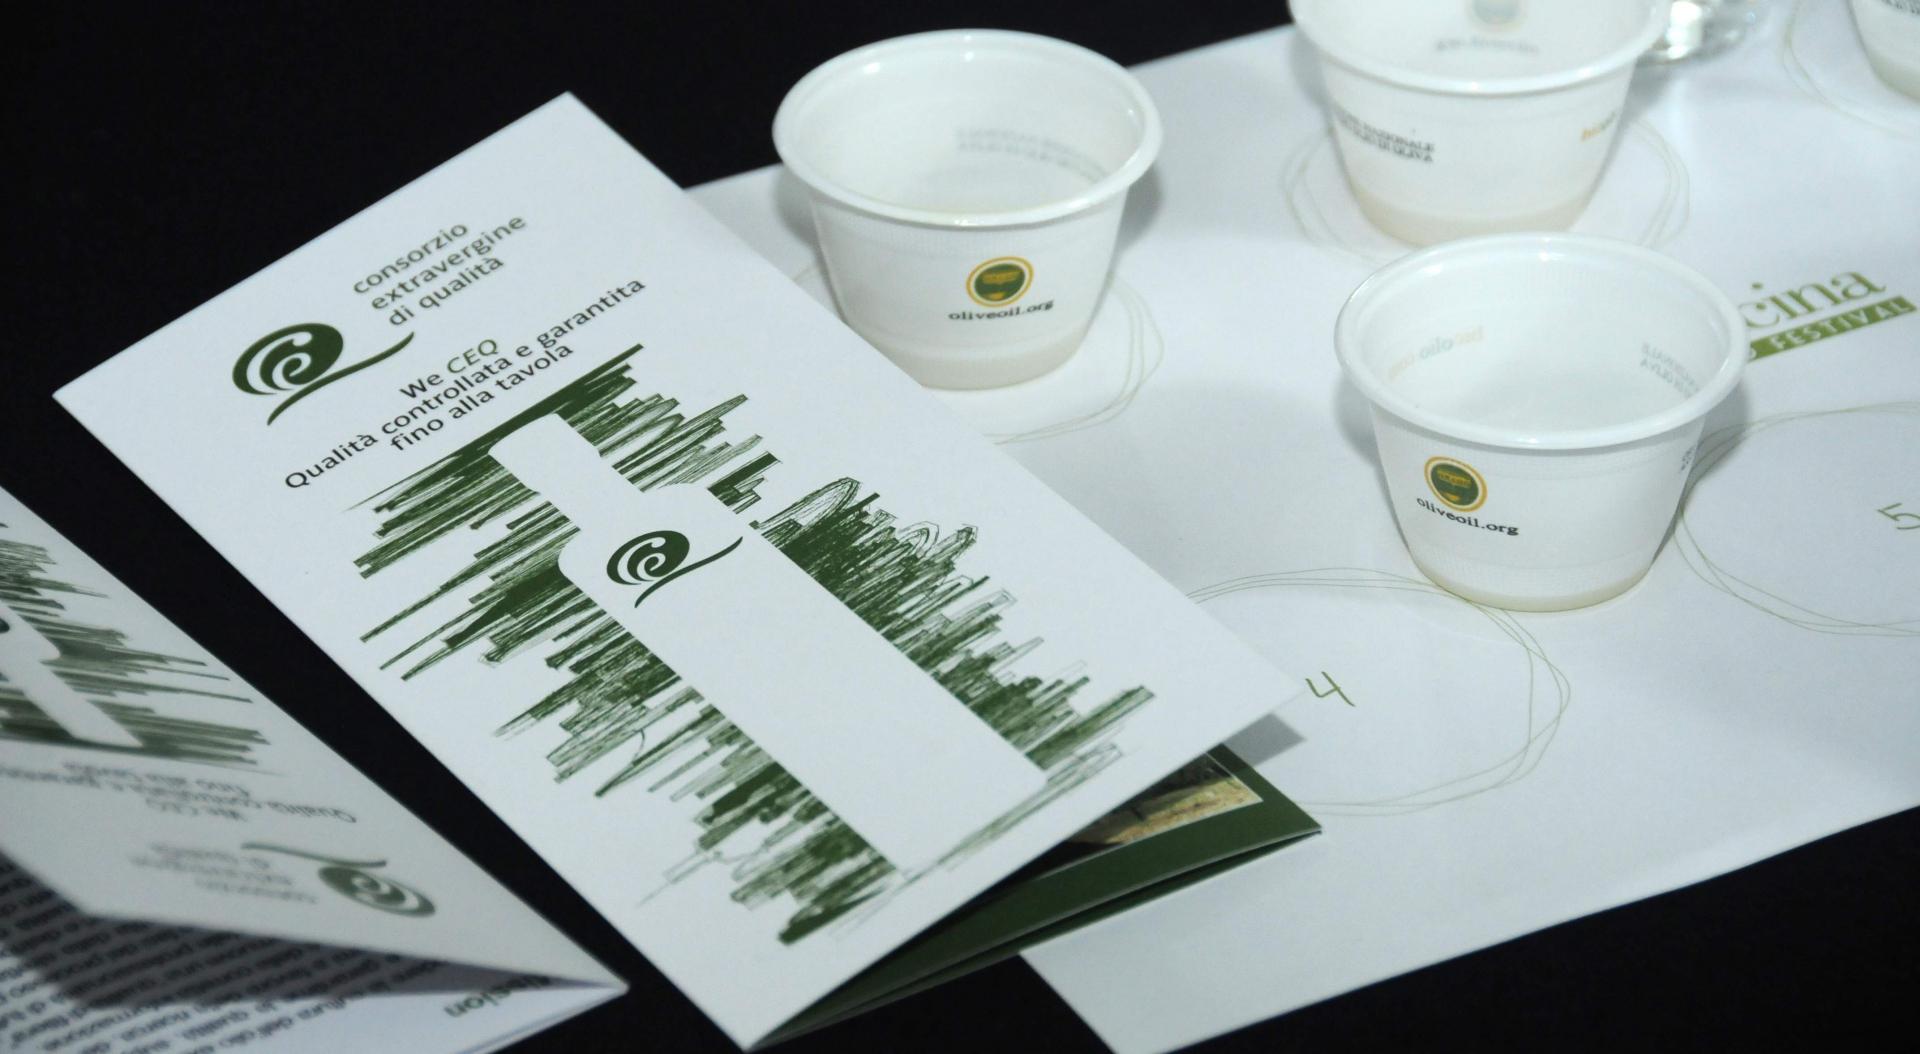 Ceq Italia al Simei 2019 per il convegno Vestire gli oli extra vergini di oliva per essere vincenti sul mercato